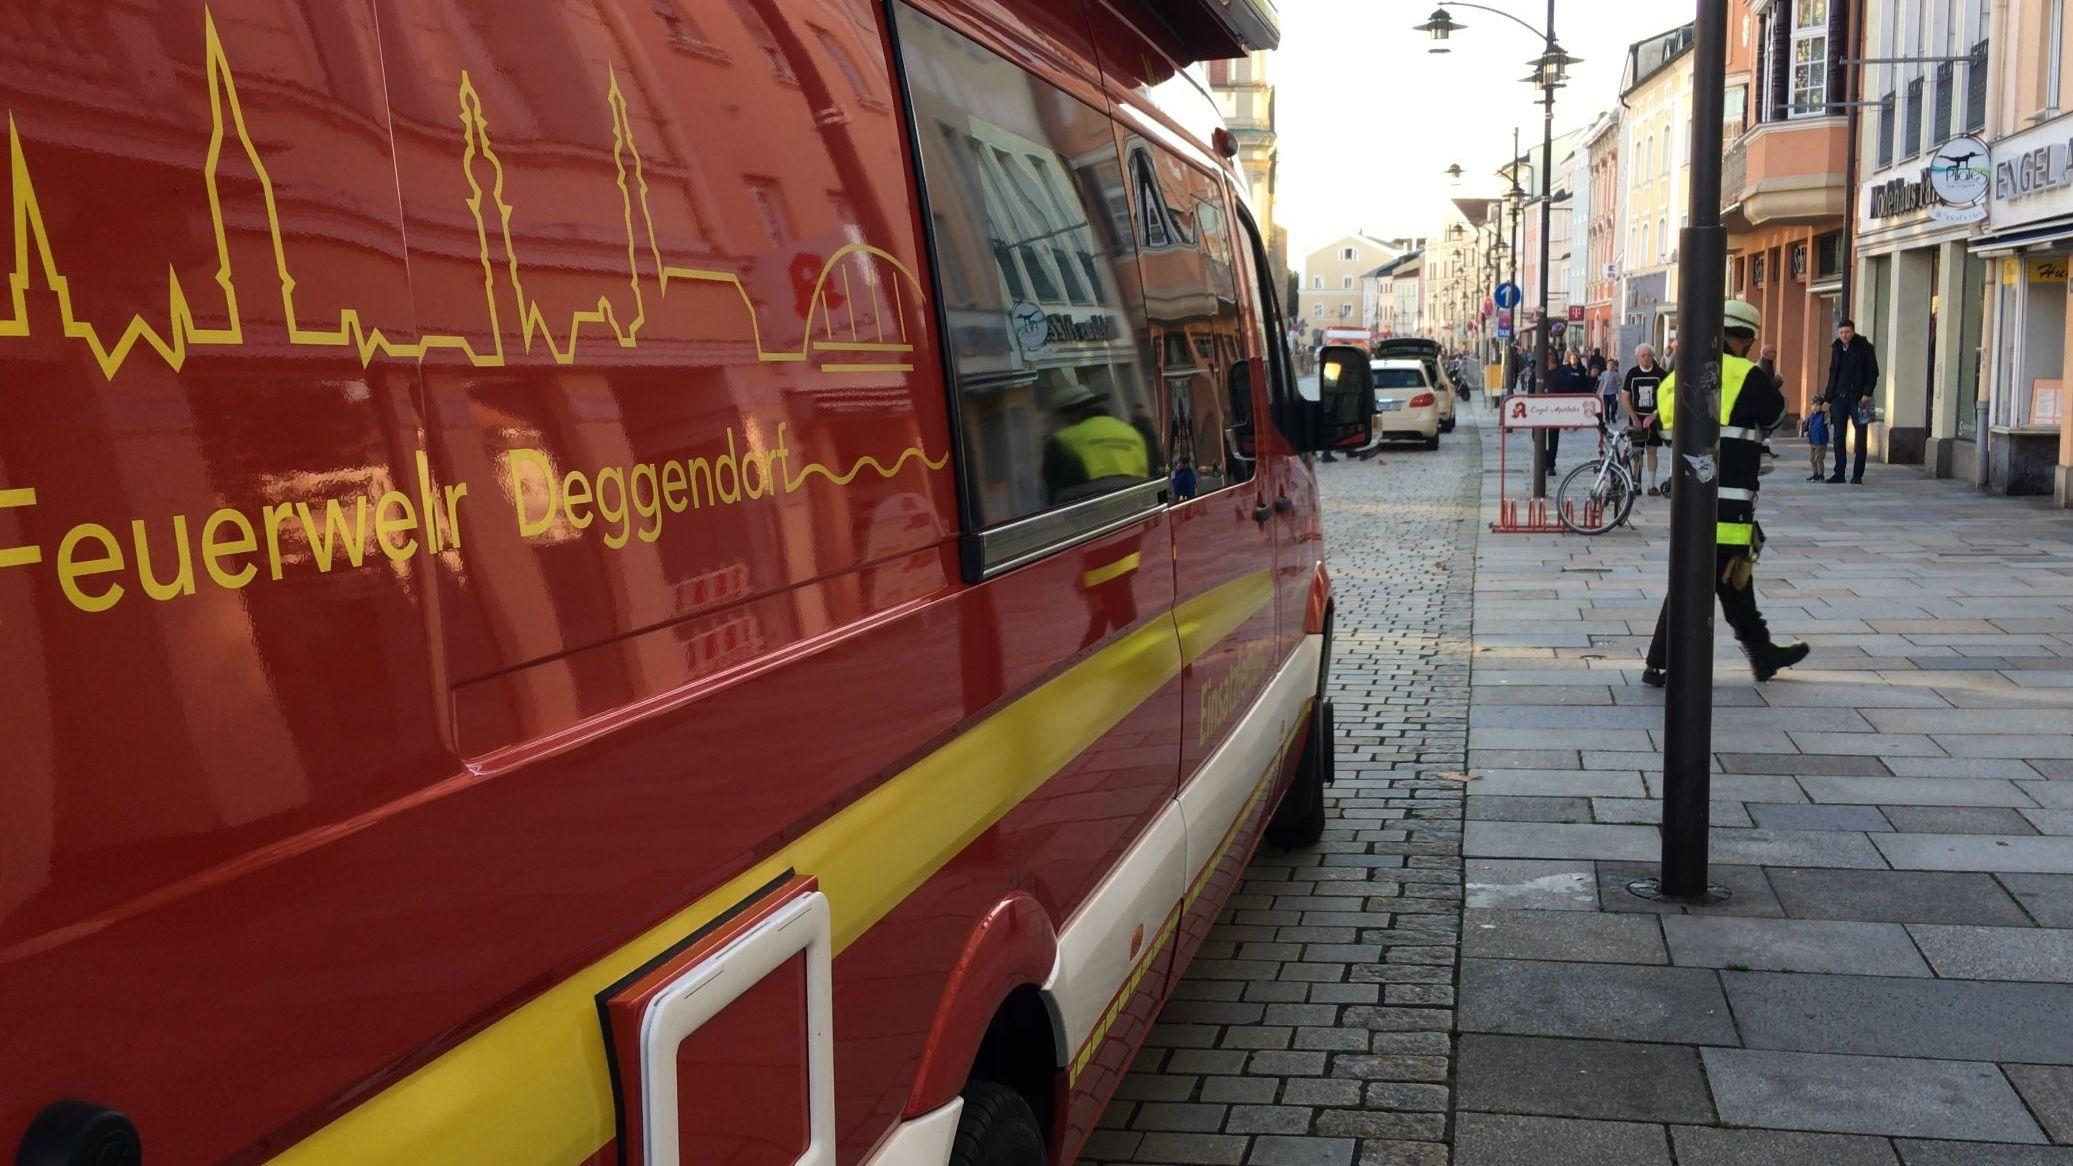 Ein Feuerwehrauto am Deggendorfer Stadtplatz